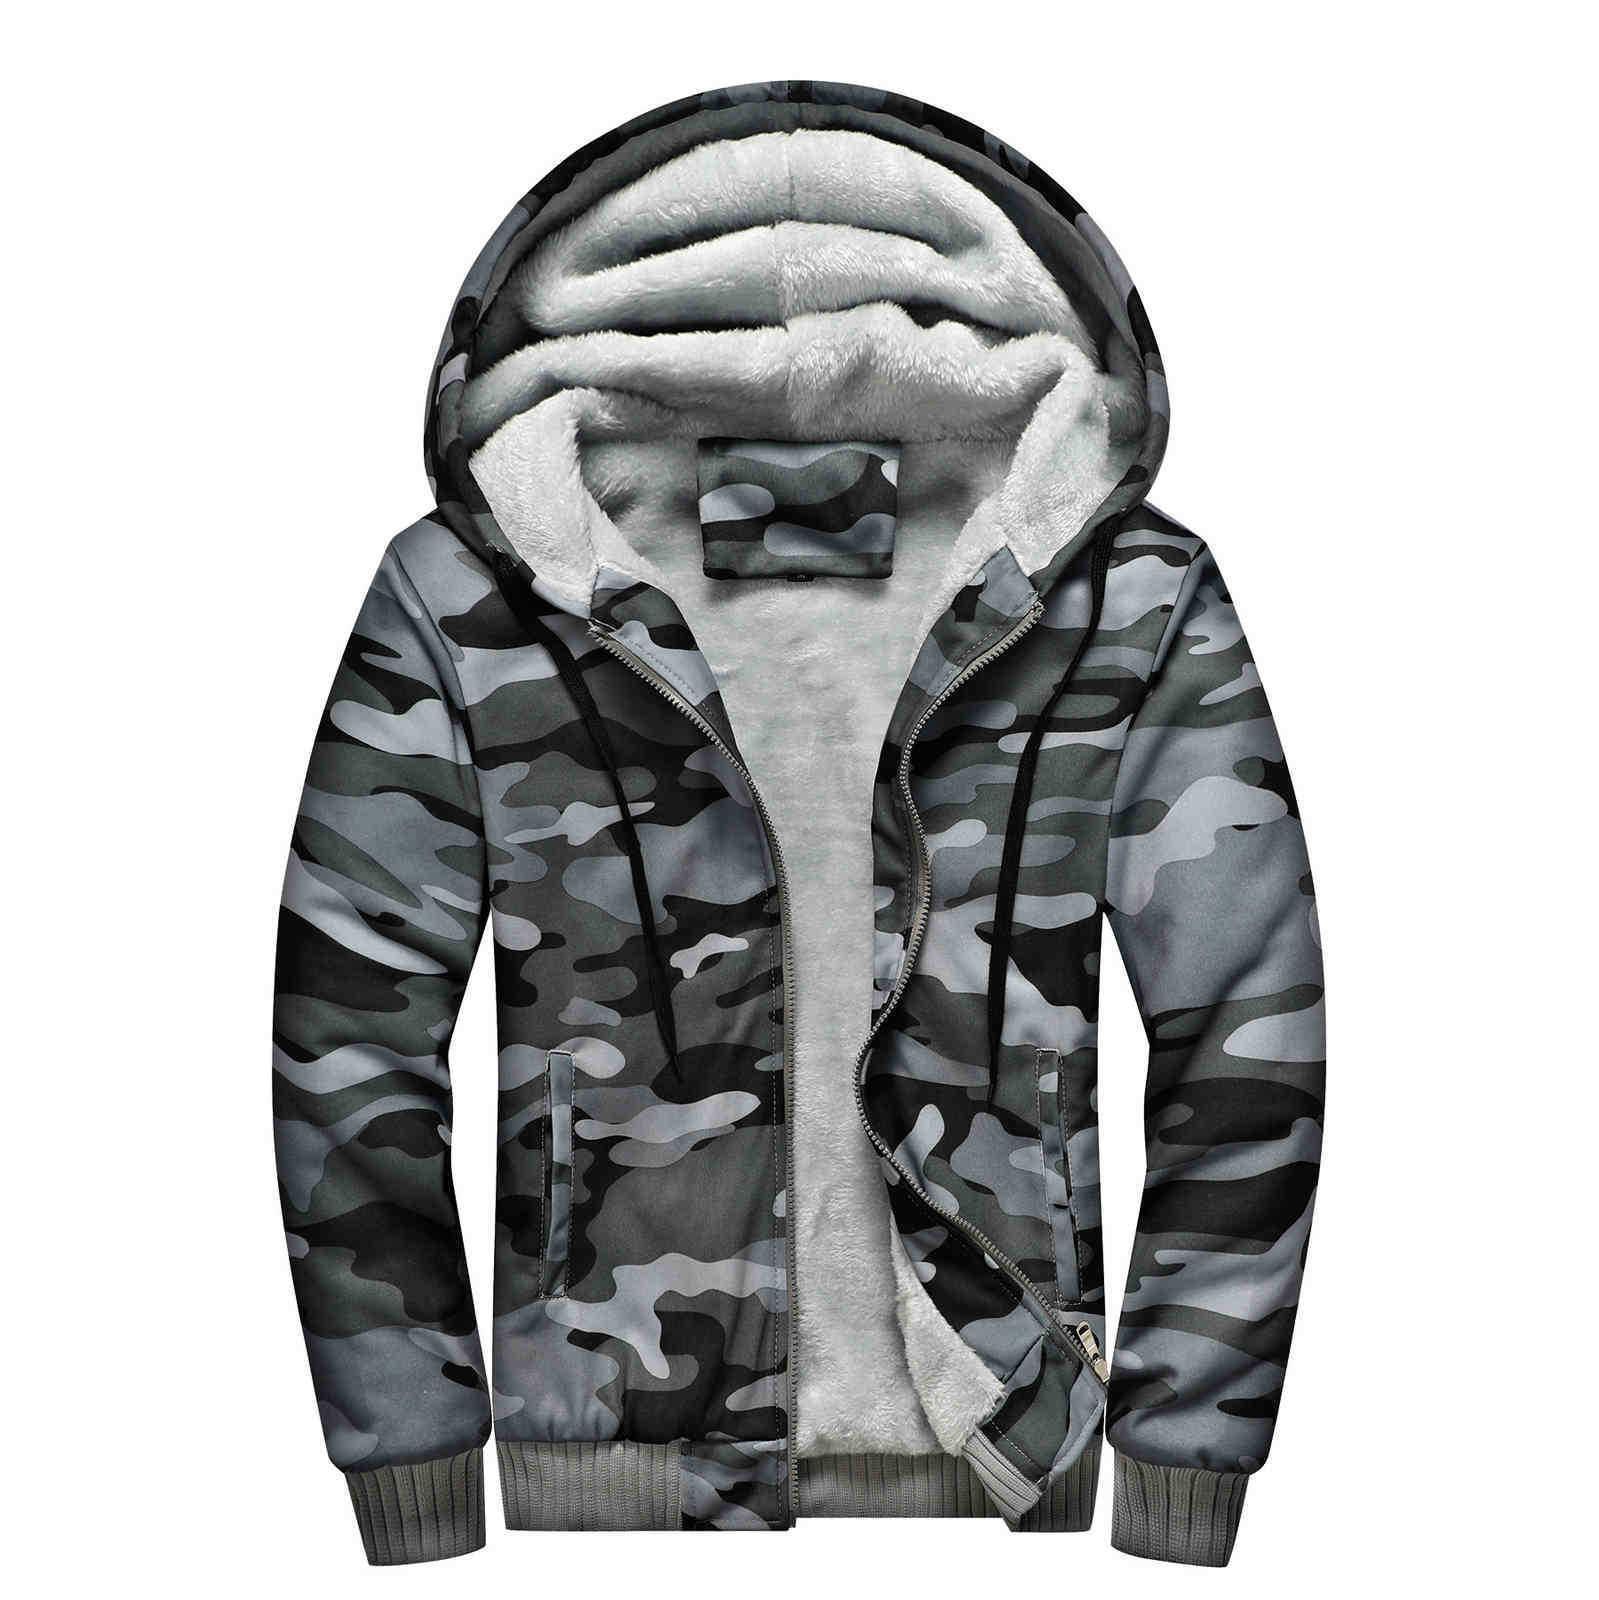 Erkek Hoodies Moda Tasarımcılar ABD Boyutu Avrupa Boyutu Kamuflaj Kişilik Kalınlaşma Sıcak Gençlik Tişörtü Kot Pantolon ve Pantolon için Mükemmel